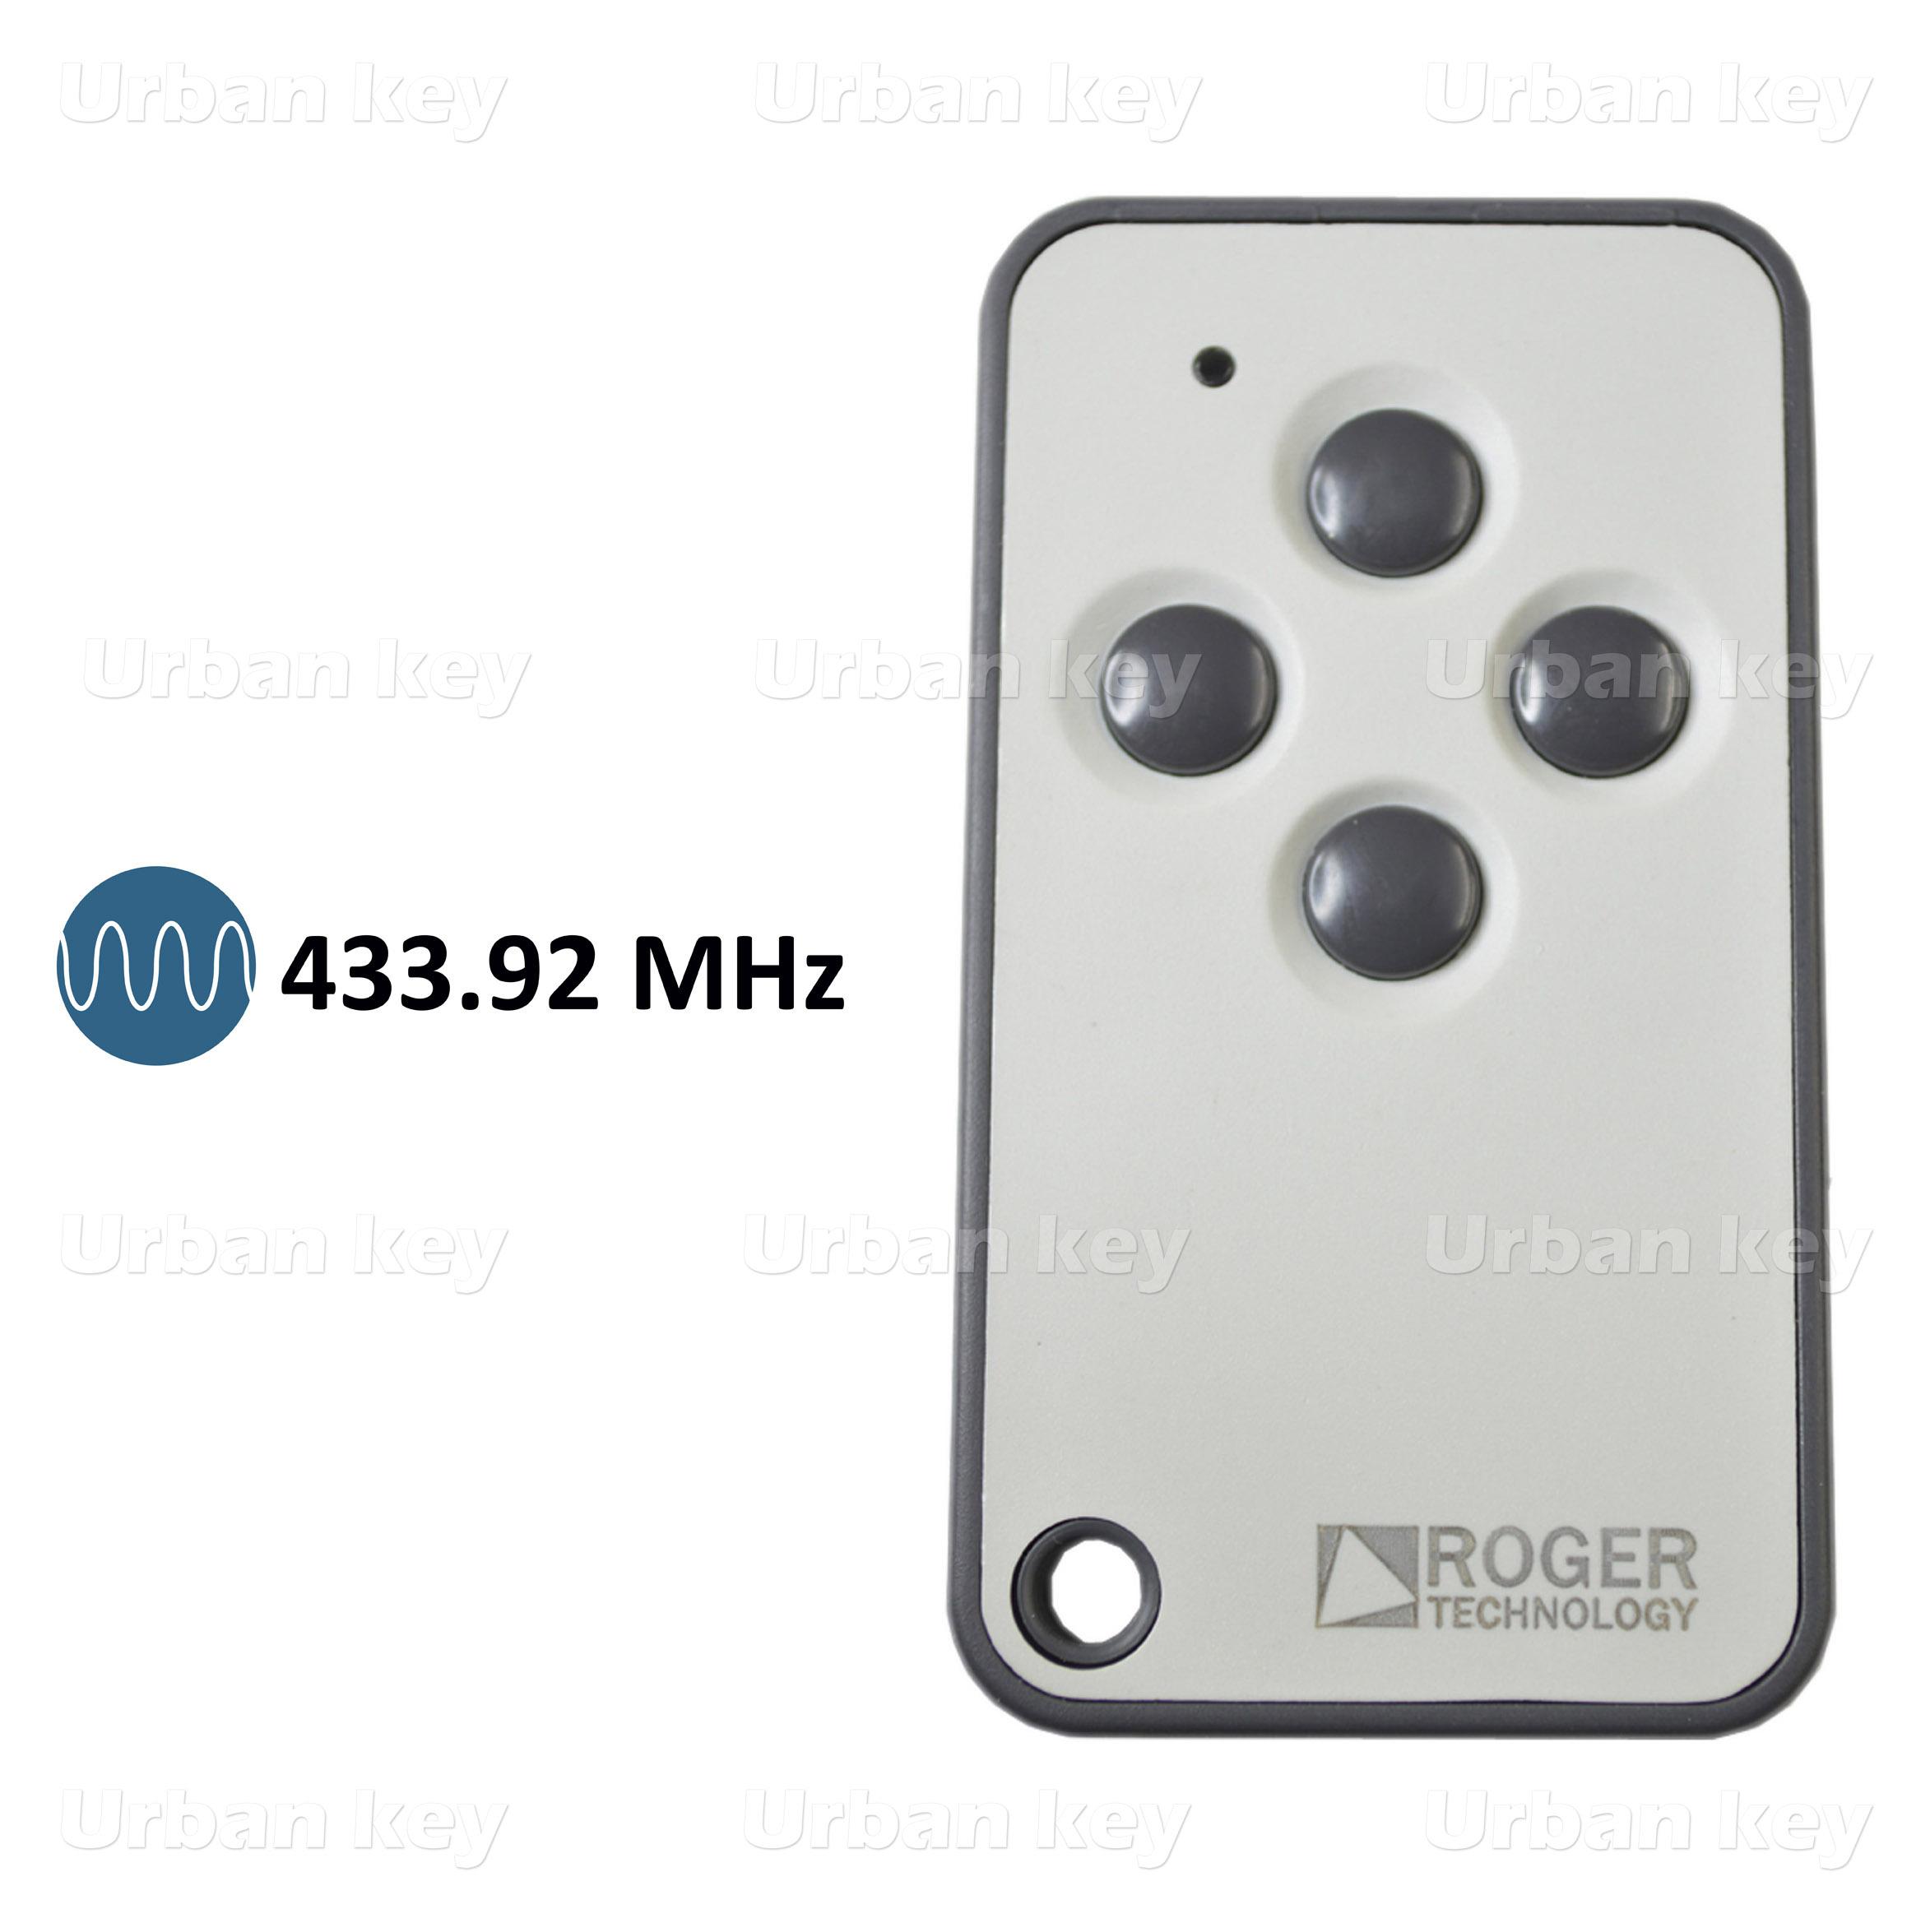 EMISSOR ROGER TX54R/2 433 MHz 4 CANAIS